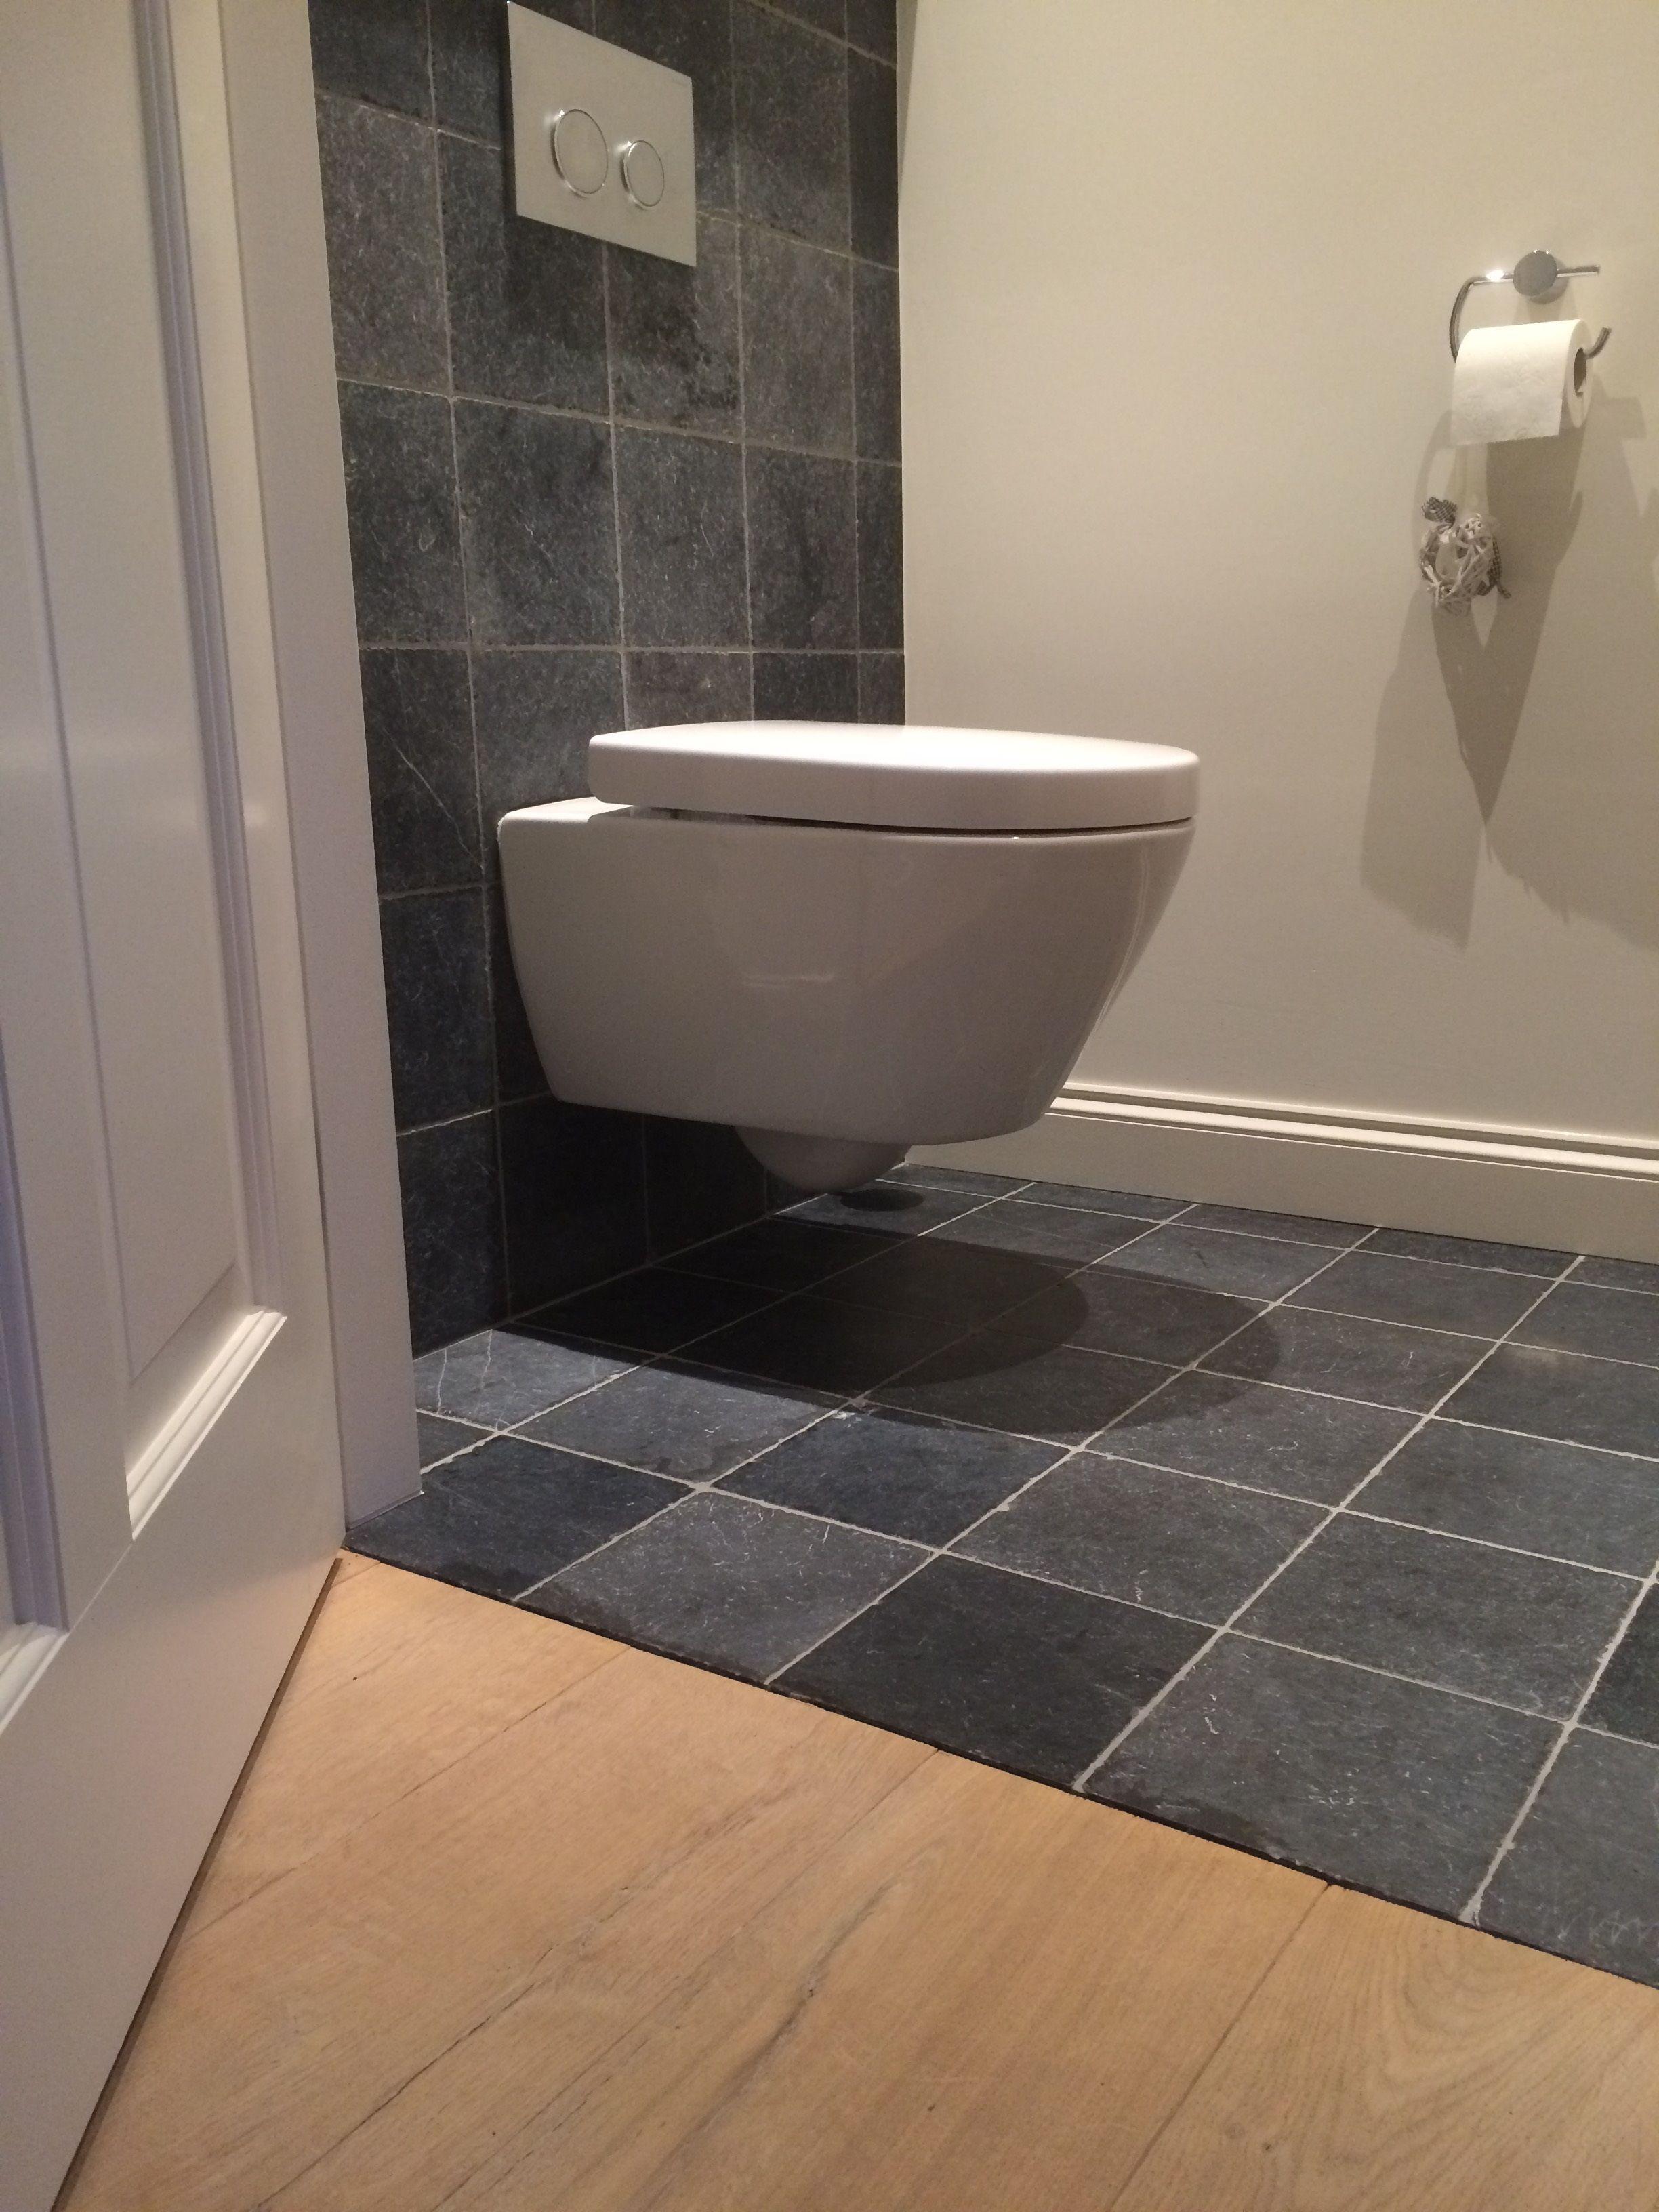 toilet met vietnamese hardsteen vloer en wandtegels 20x20. Black Bedroom Furniture Sets. Home Design Ideas